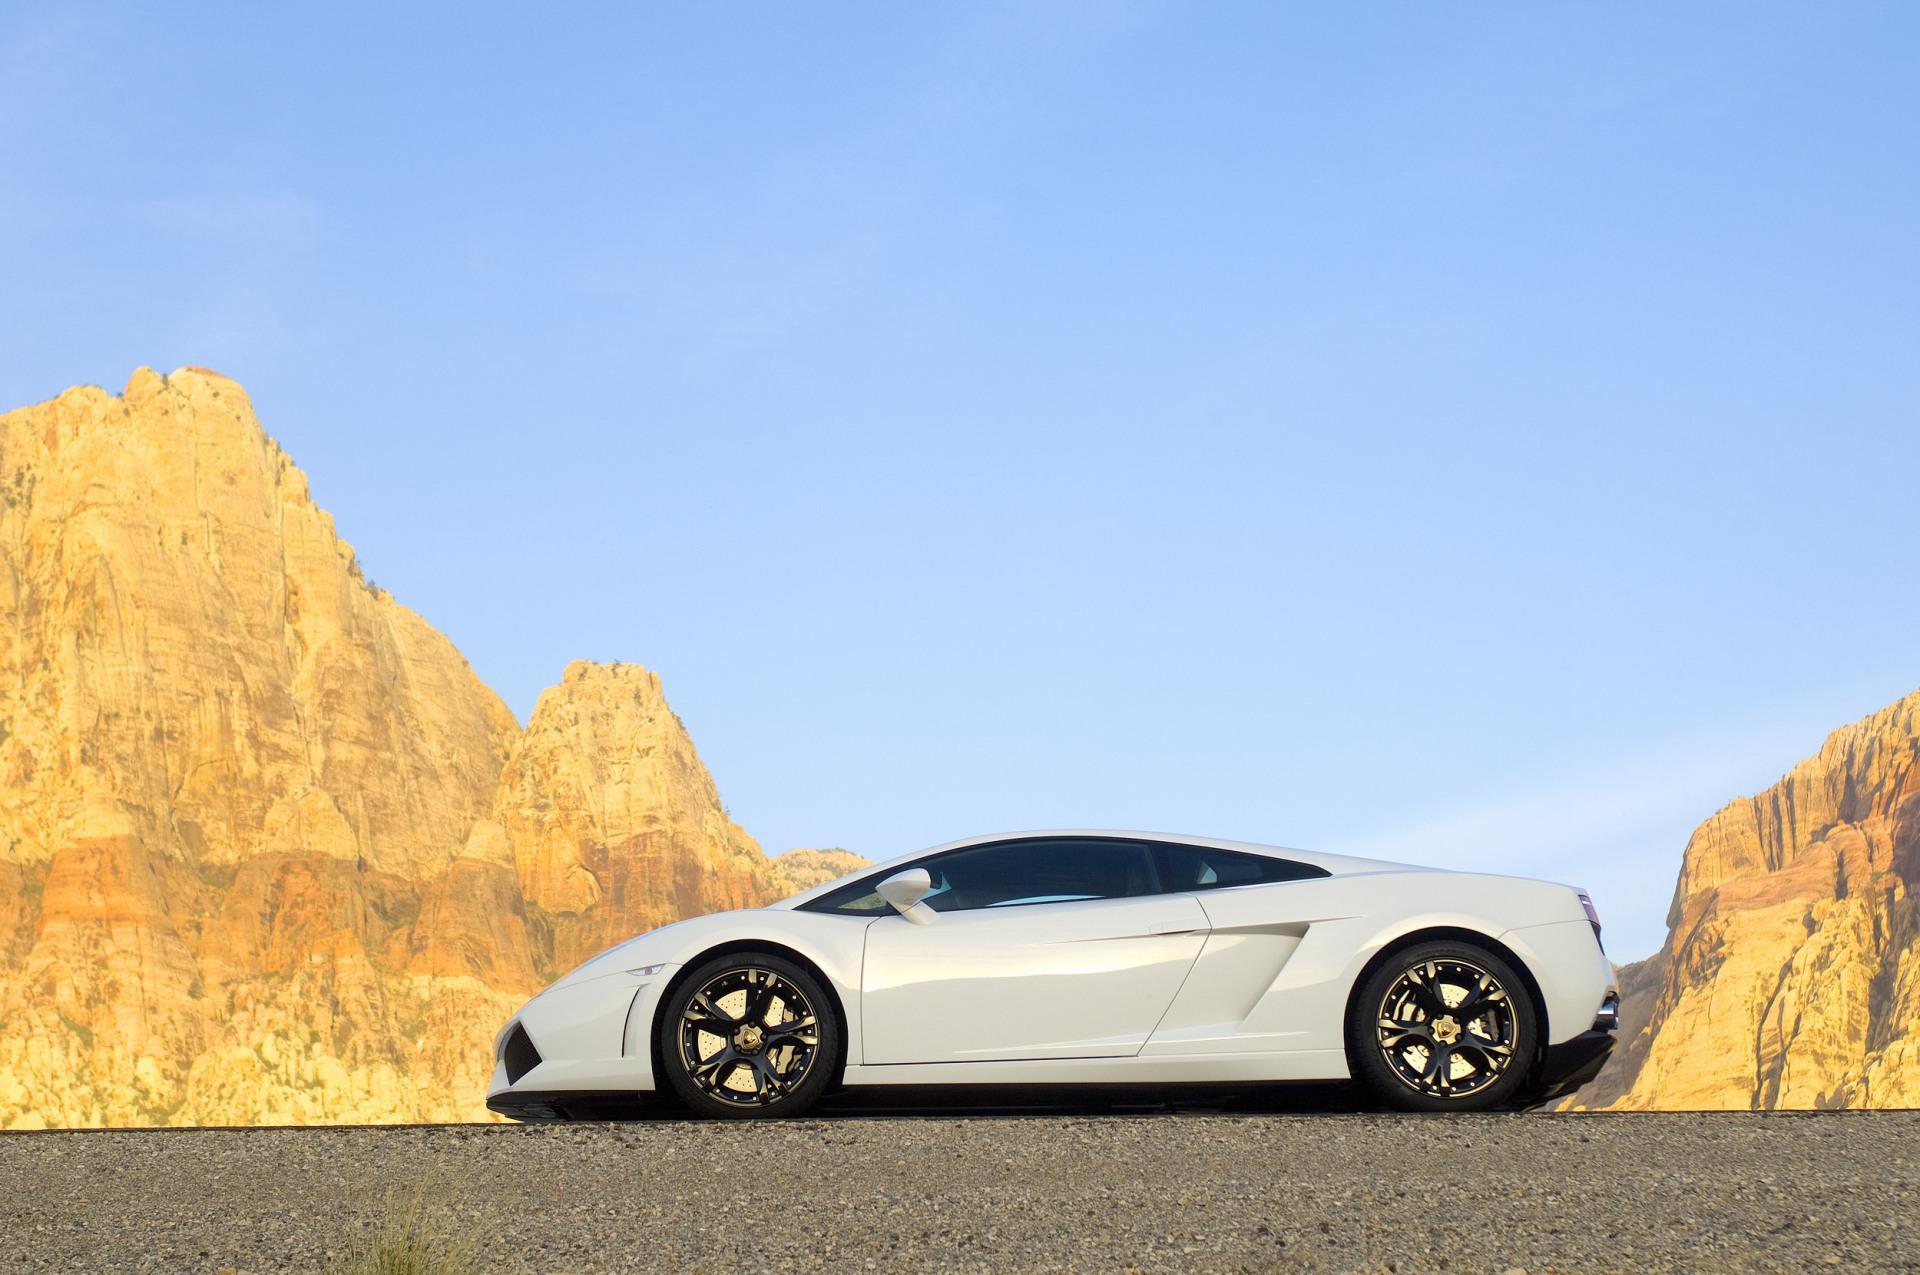 2010 Lamborghini Gallardo Lp560 4 Conceptcarz Com